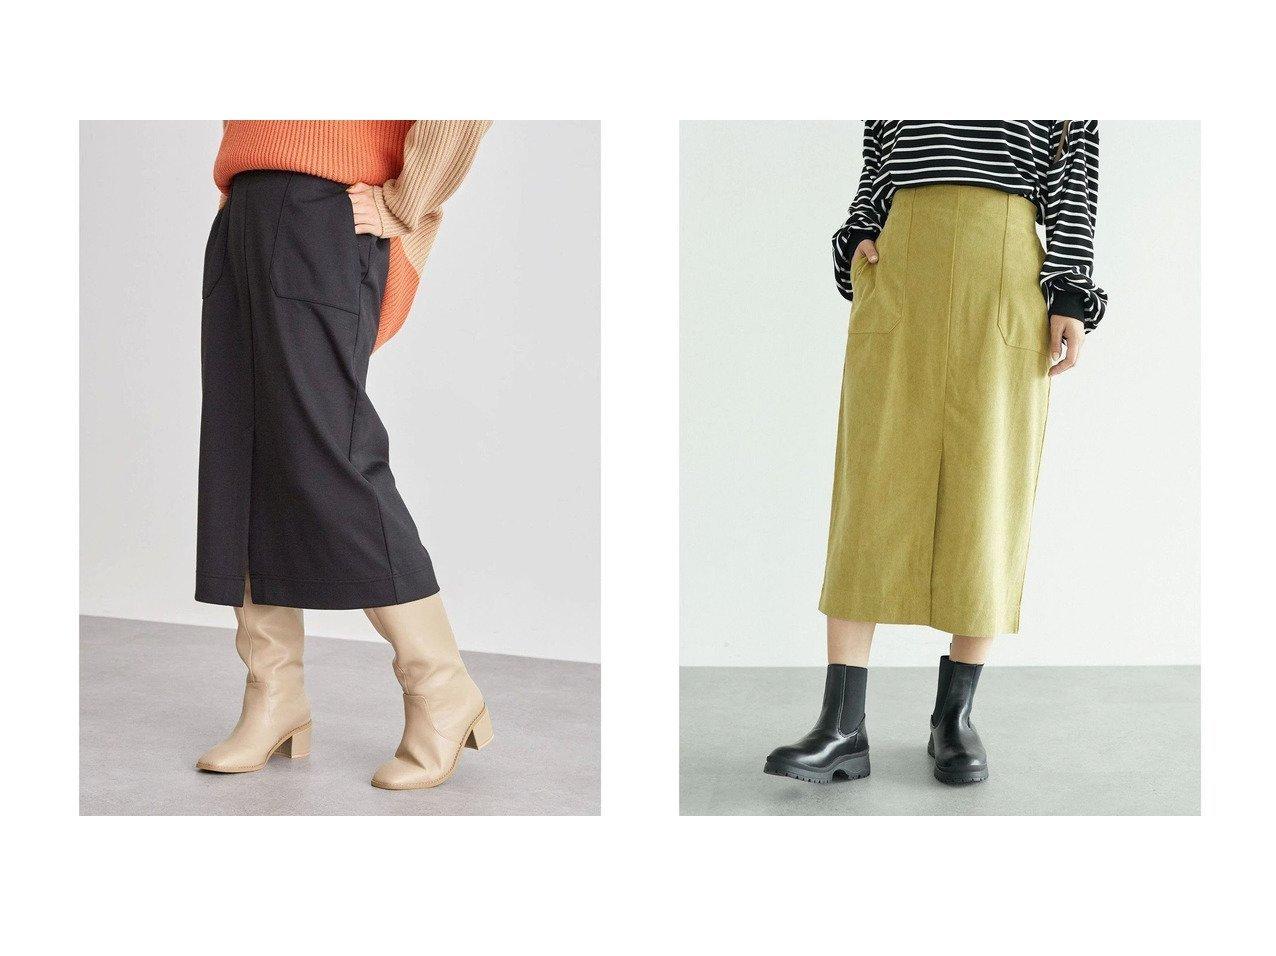 【Green Parks/グリーンパークス】の前スリットカットタイトスカート&リブタイトスカート 【プチプライス・低価格】おすすめ!人気、トレンド・レディースファッションの通販 おすすめで人気の流行・トレンド、ファッションの通販商品 インテリア・家具・メンズファッション・キッズファッション・レディースファッション・服の通販 founy(ファニー) https://founy.com/ ファッション Fashion レディースファッション WOMEN スカート Skirt 送料無料 Free Shipping スリット フィット  ID:crp329100000071628